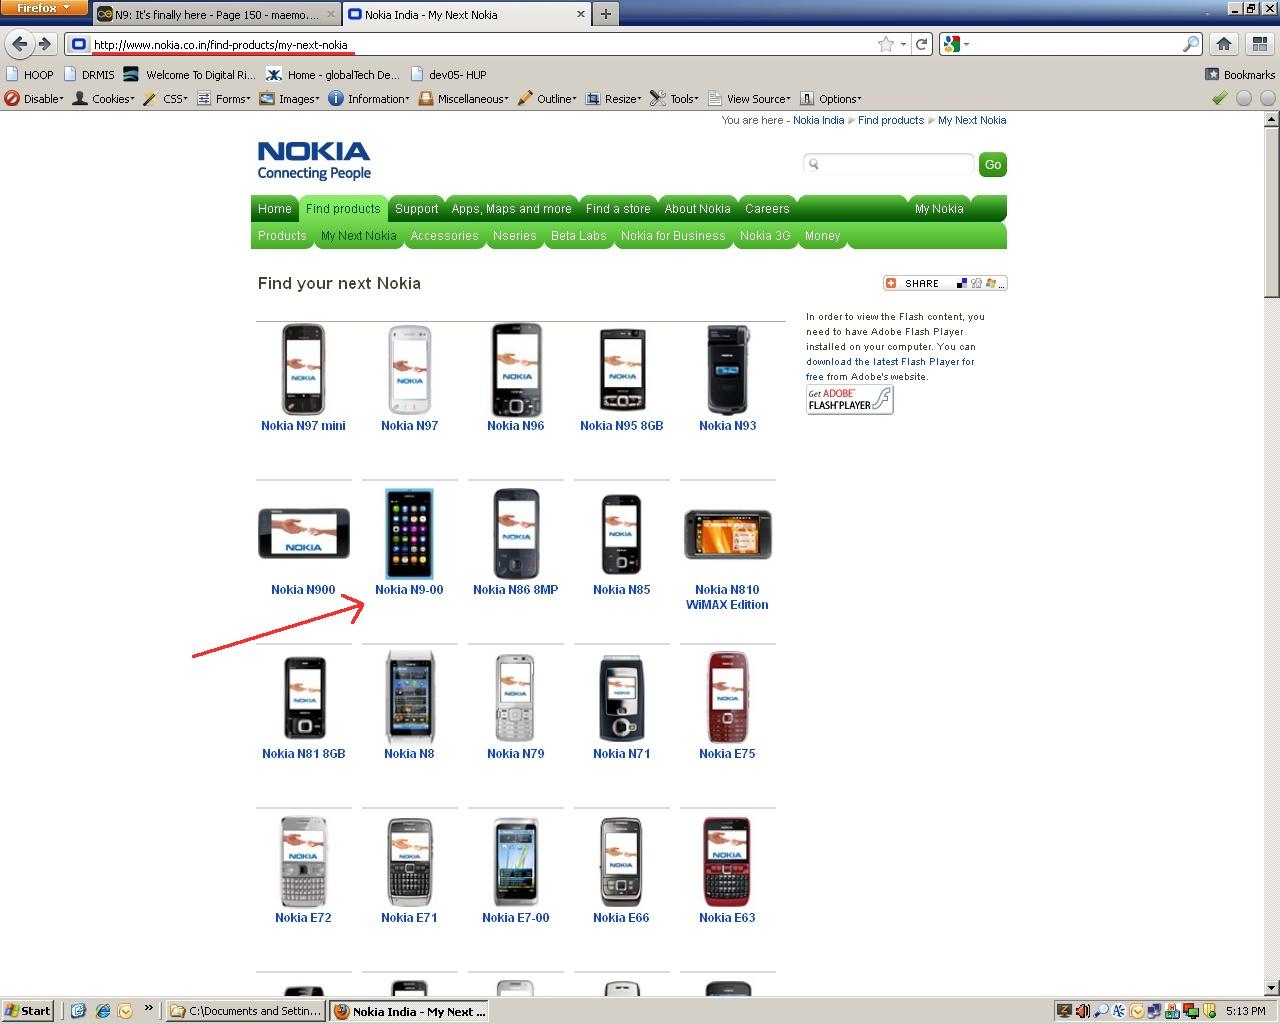 Nokia N9 on Nokia India site